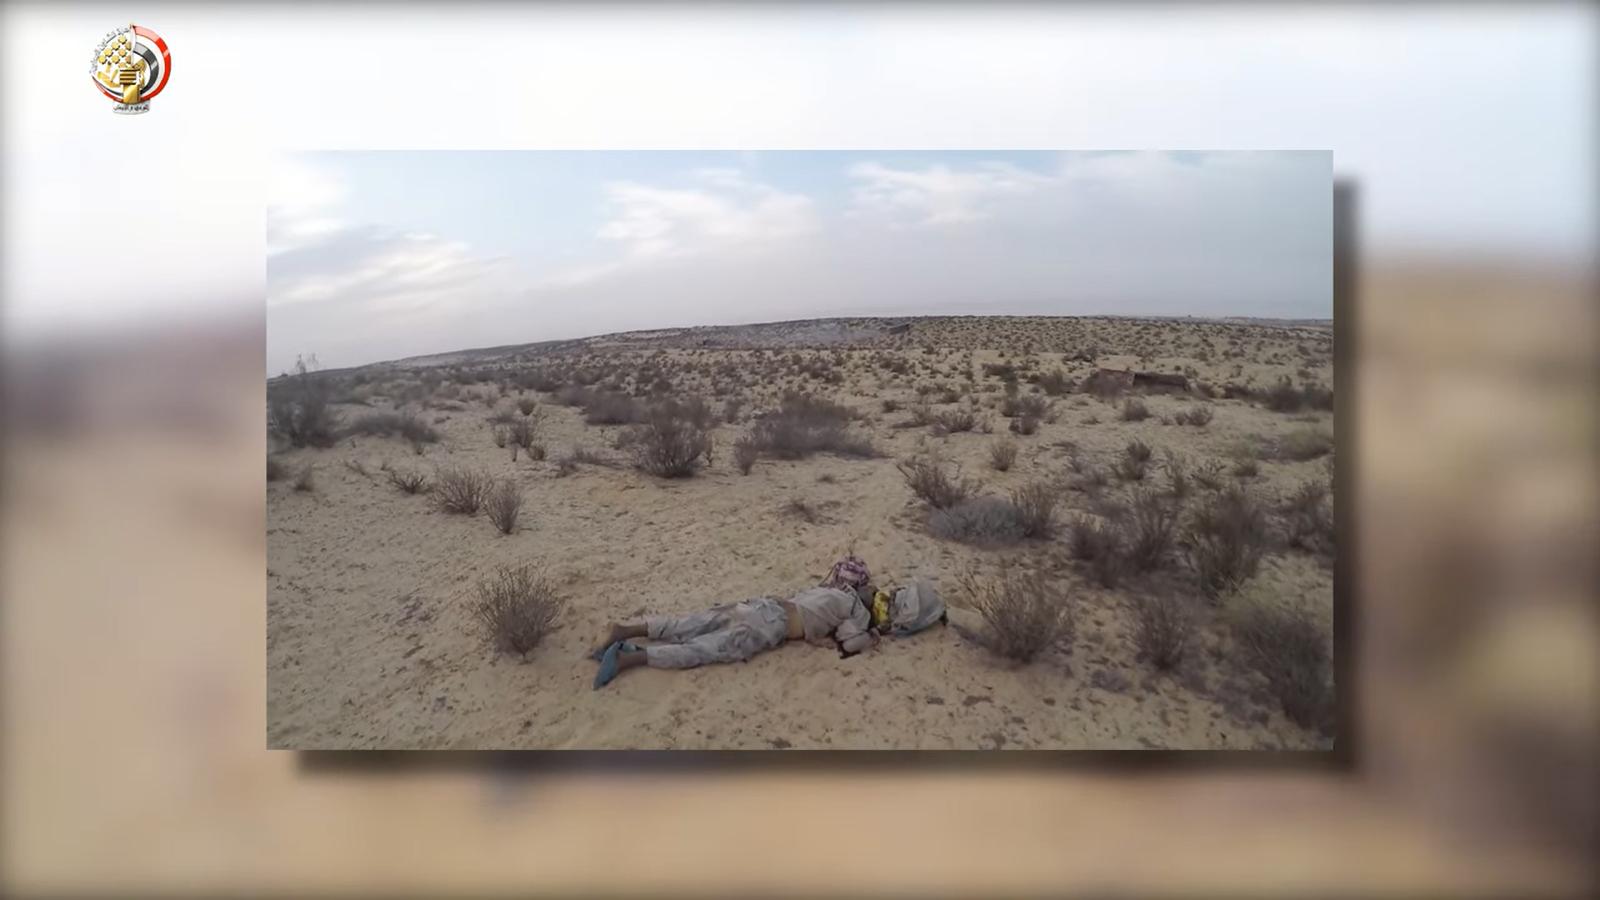 القوات المسلحة تعلن مقتل 89 تكفيريا بشمال سيناء  (6)